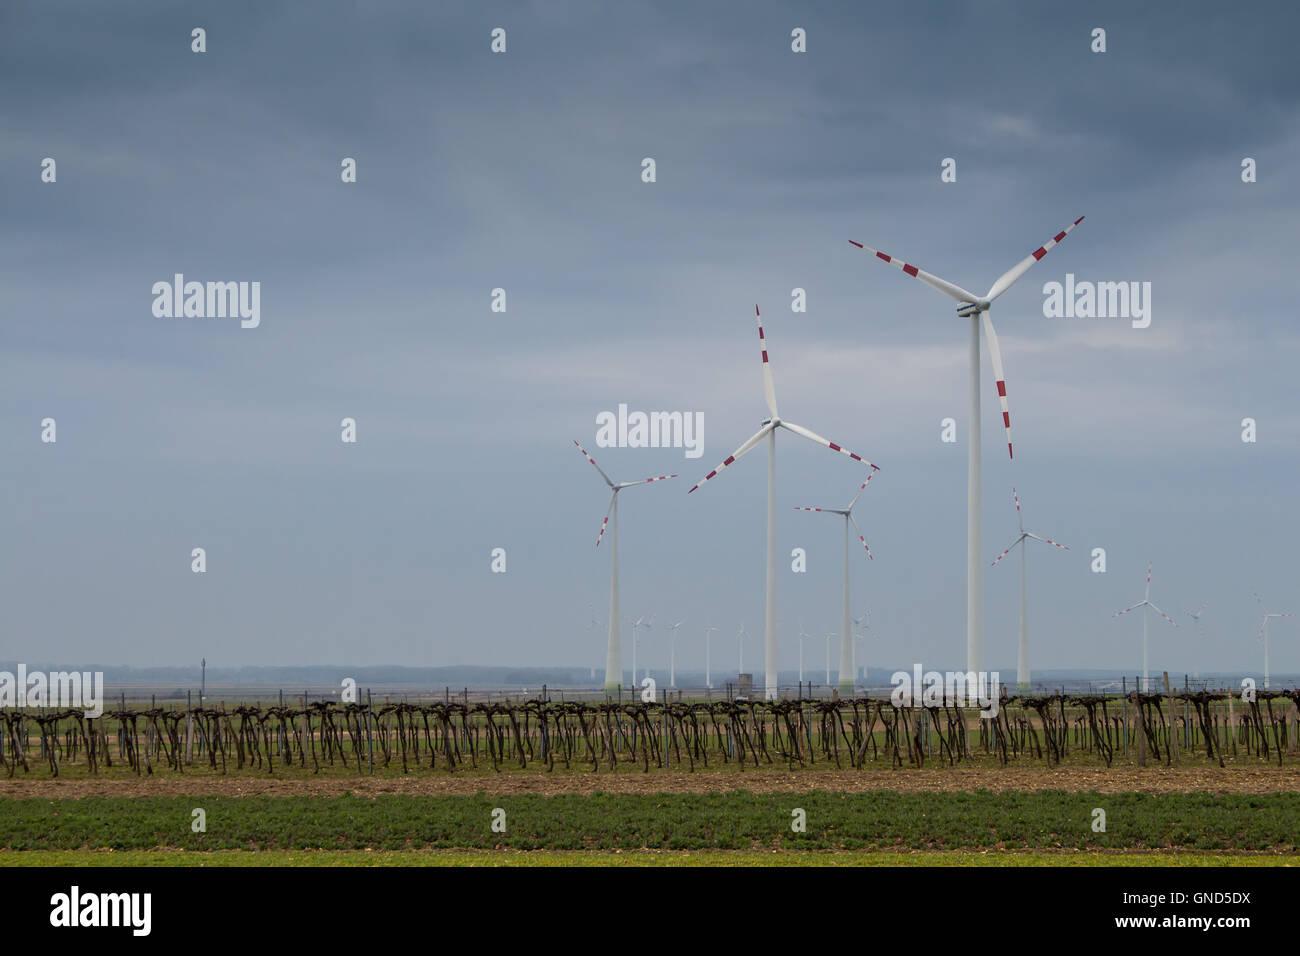 Wind turbine et un champ au début du printemps à Berg, en Autriche. Ciel 9fc3ffb83389